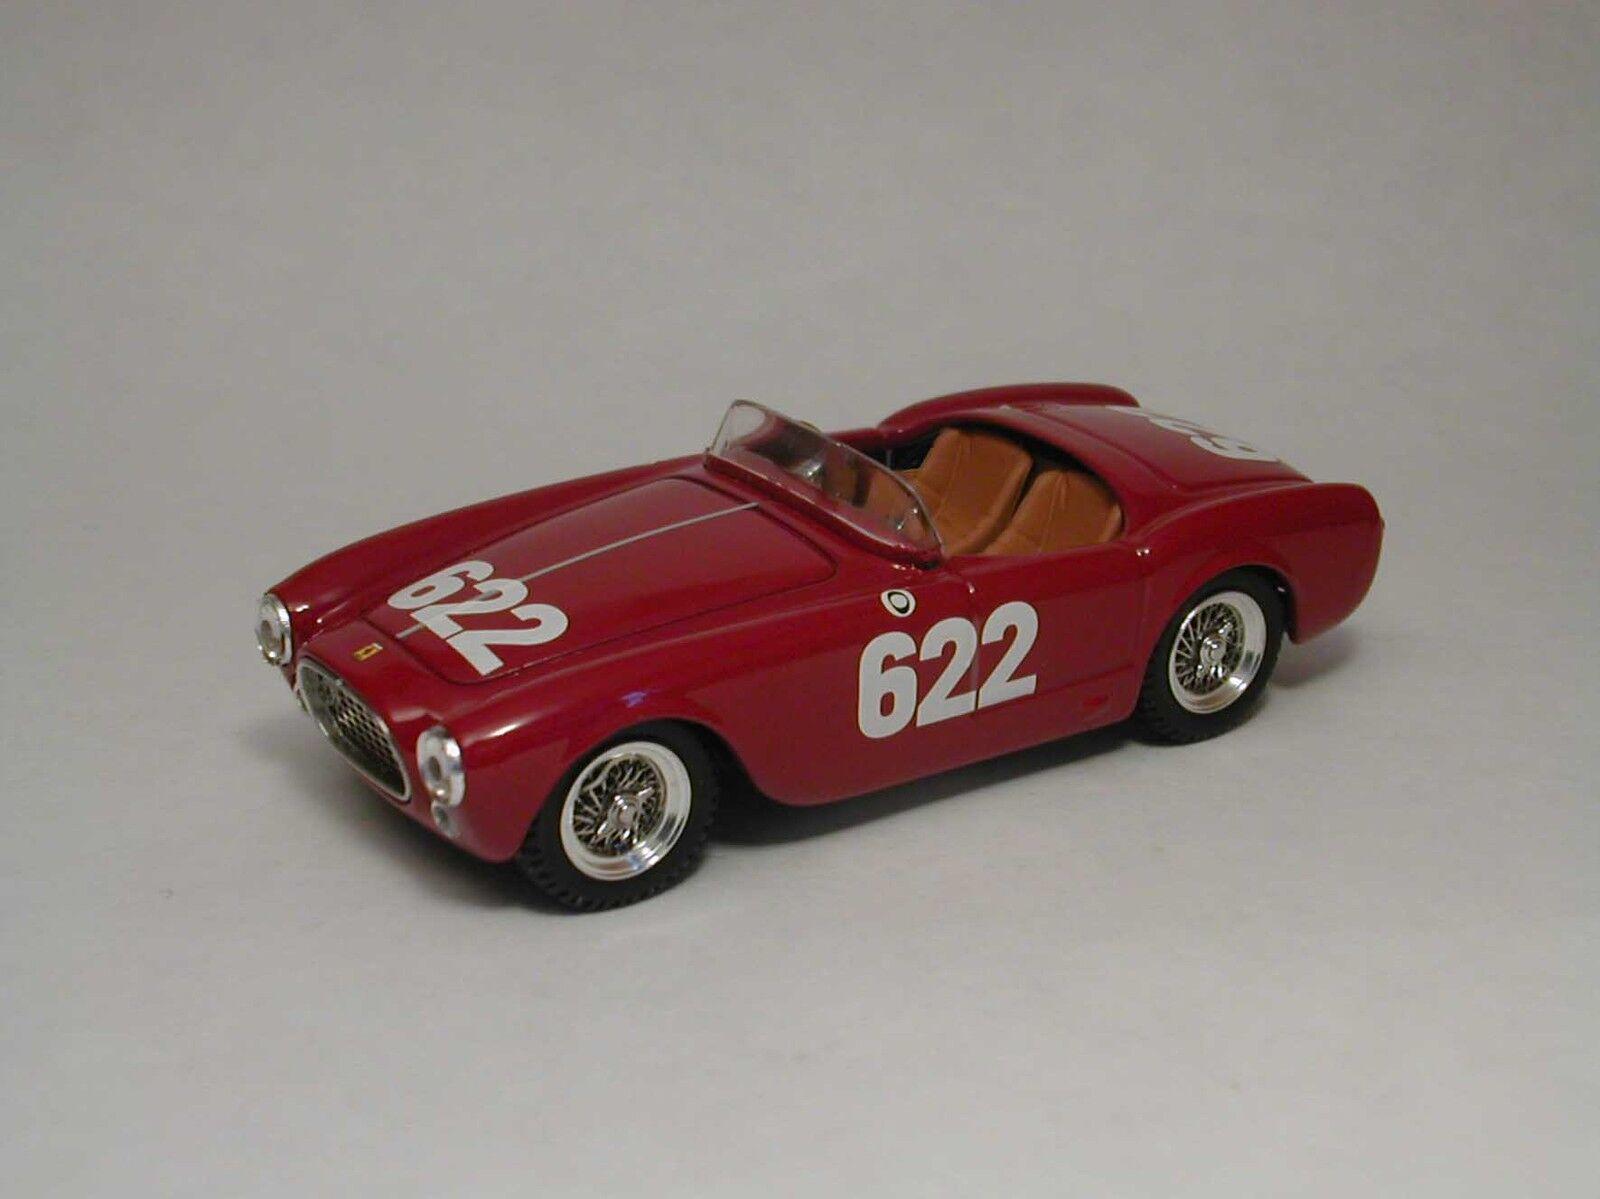 ganancia cero Ferrari 225 225 225 S MM 1952  622 1 43 Model 0124 ART-MODEL  colores increíbles